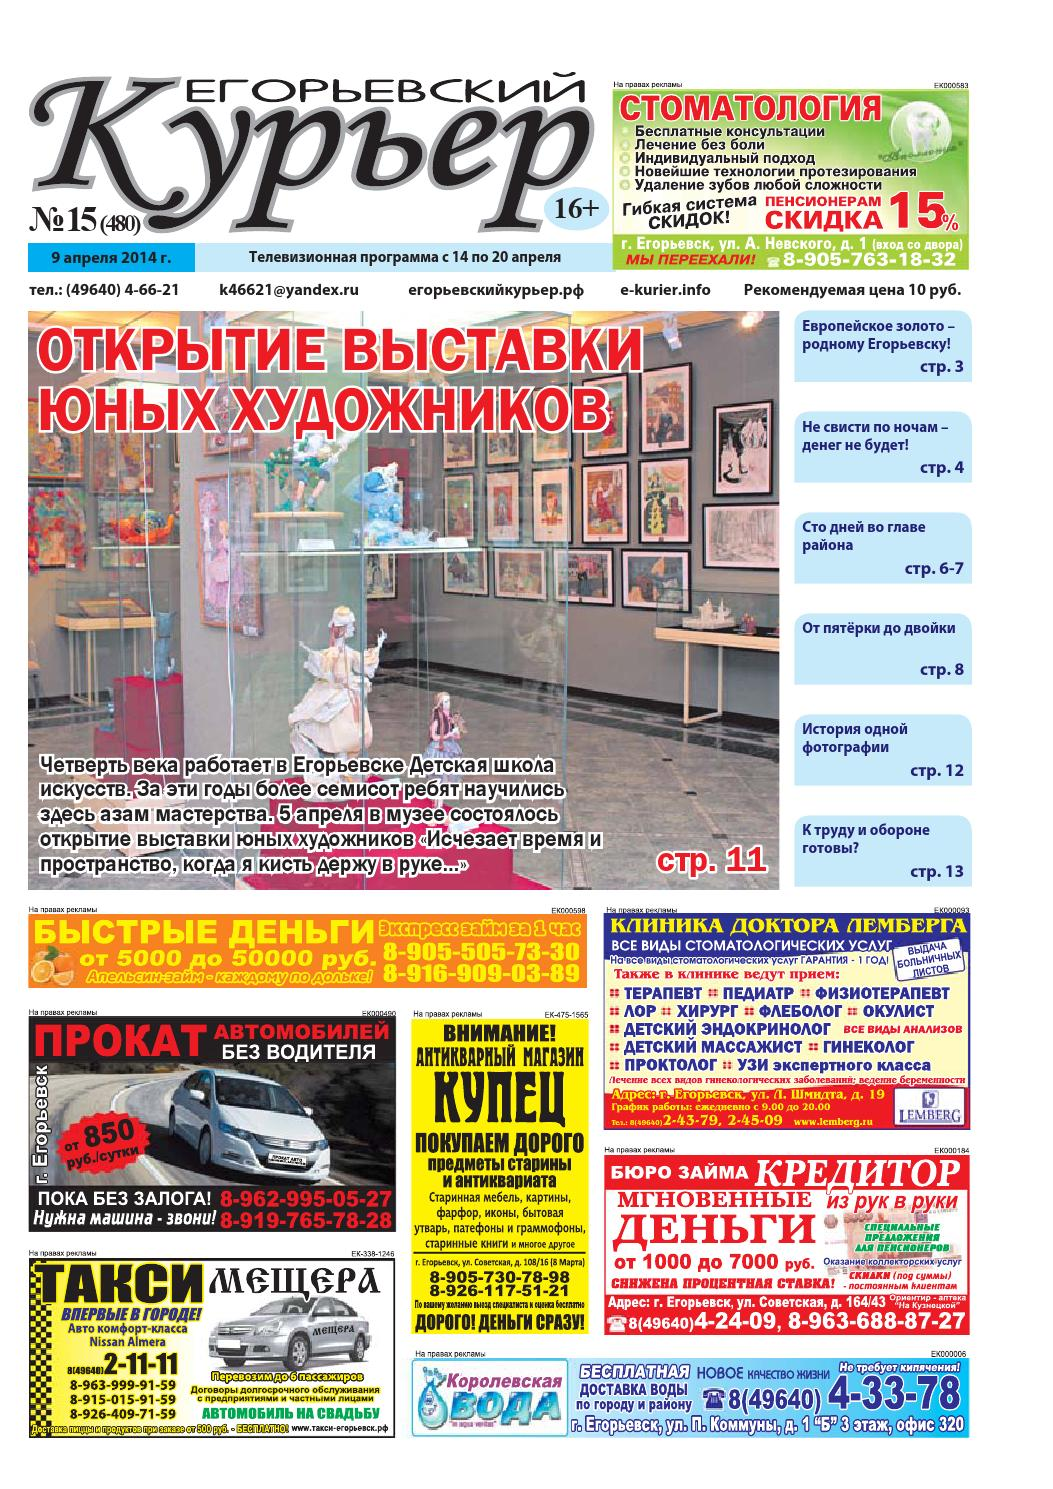 Новочебоксарск автосервис боруссия